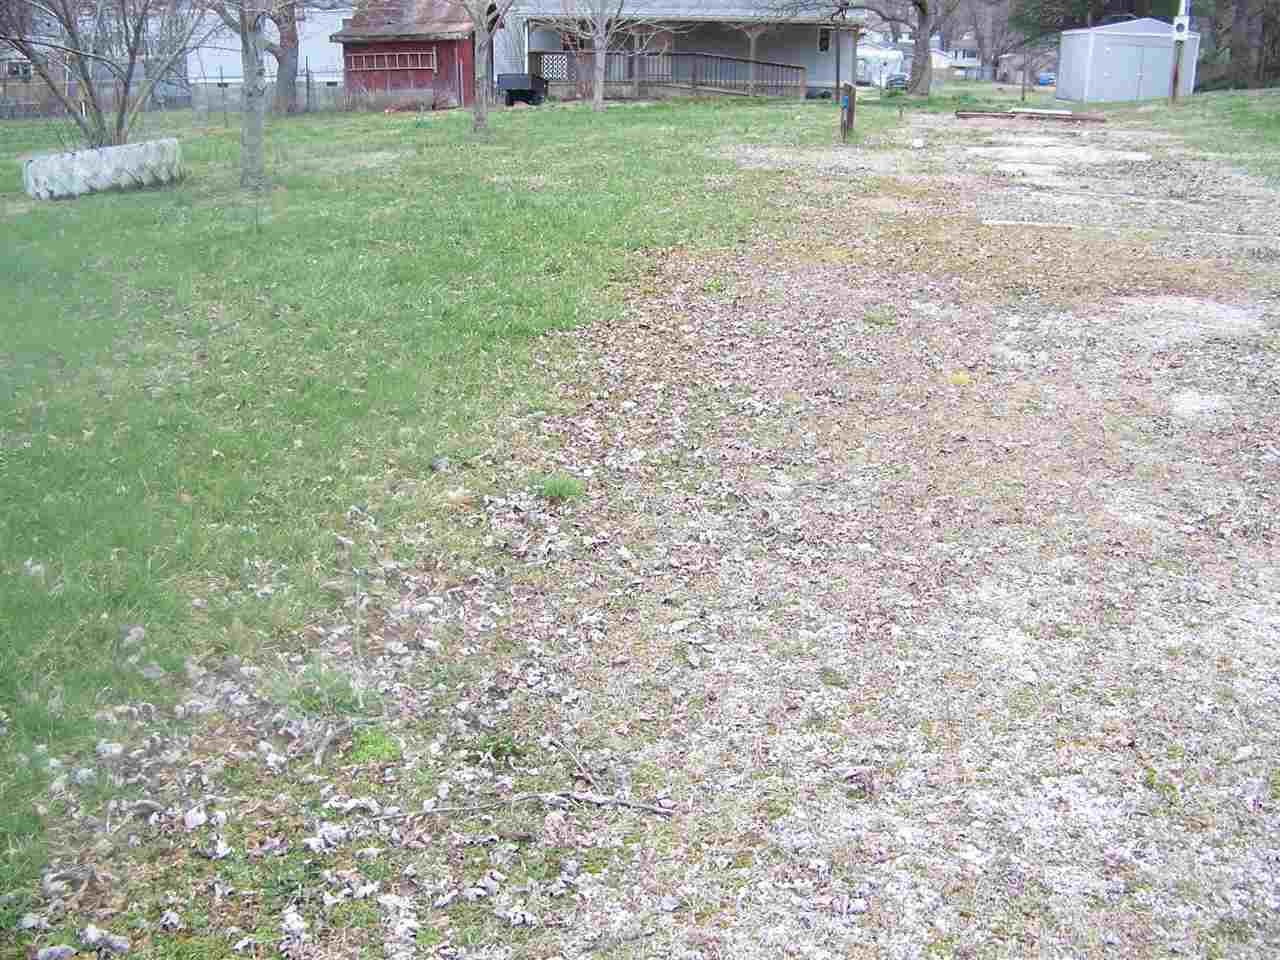 Paoli Indiana Property Taxes